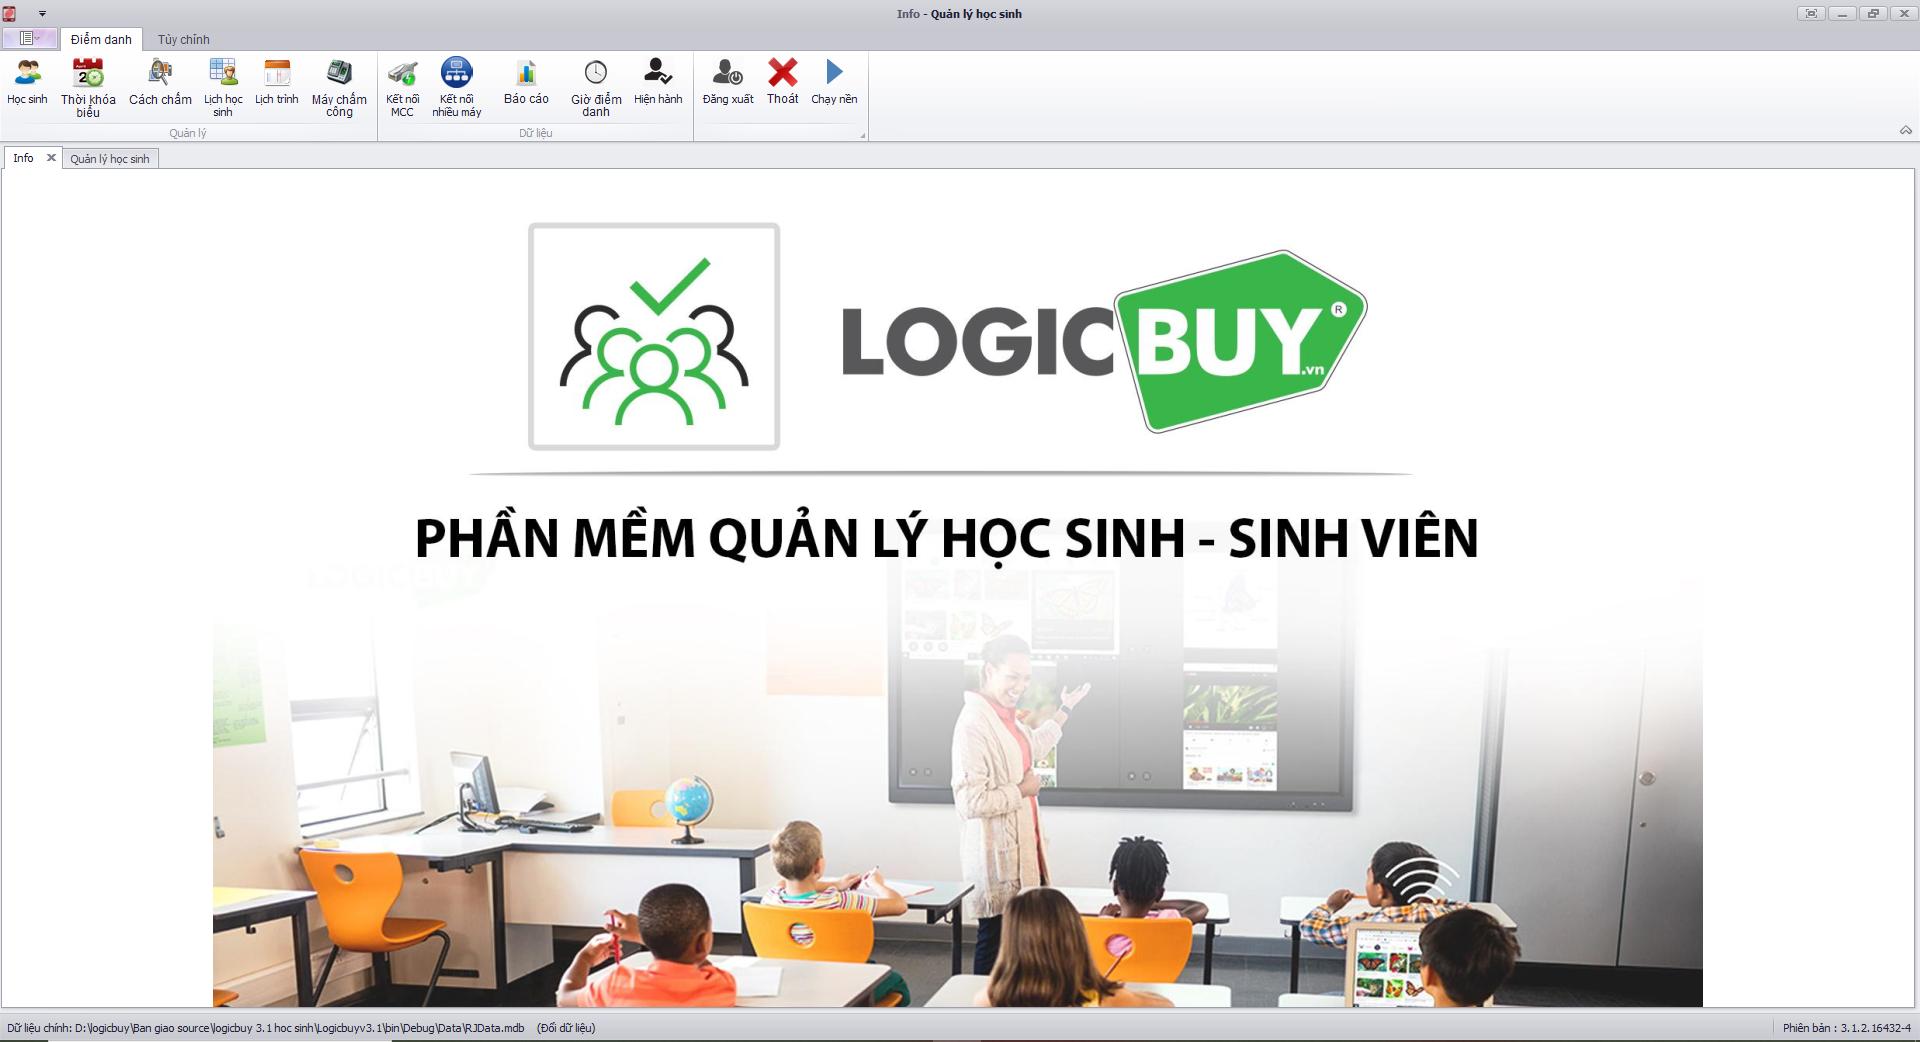 Phần mềm quản lý học sinh, sinh viên bằng máy chấm vân tay